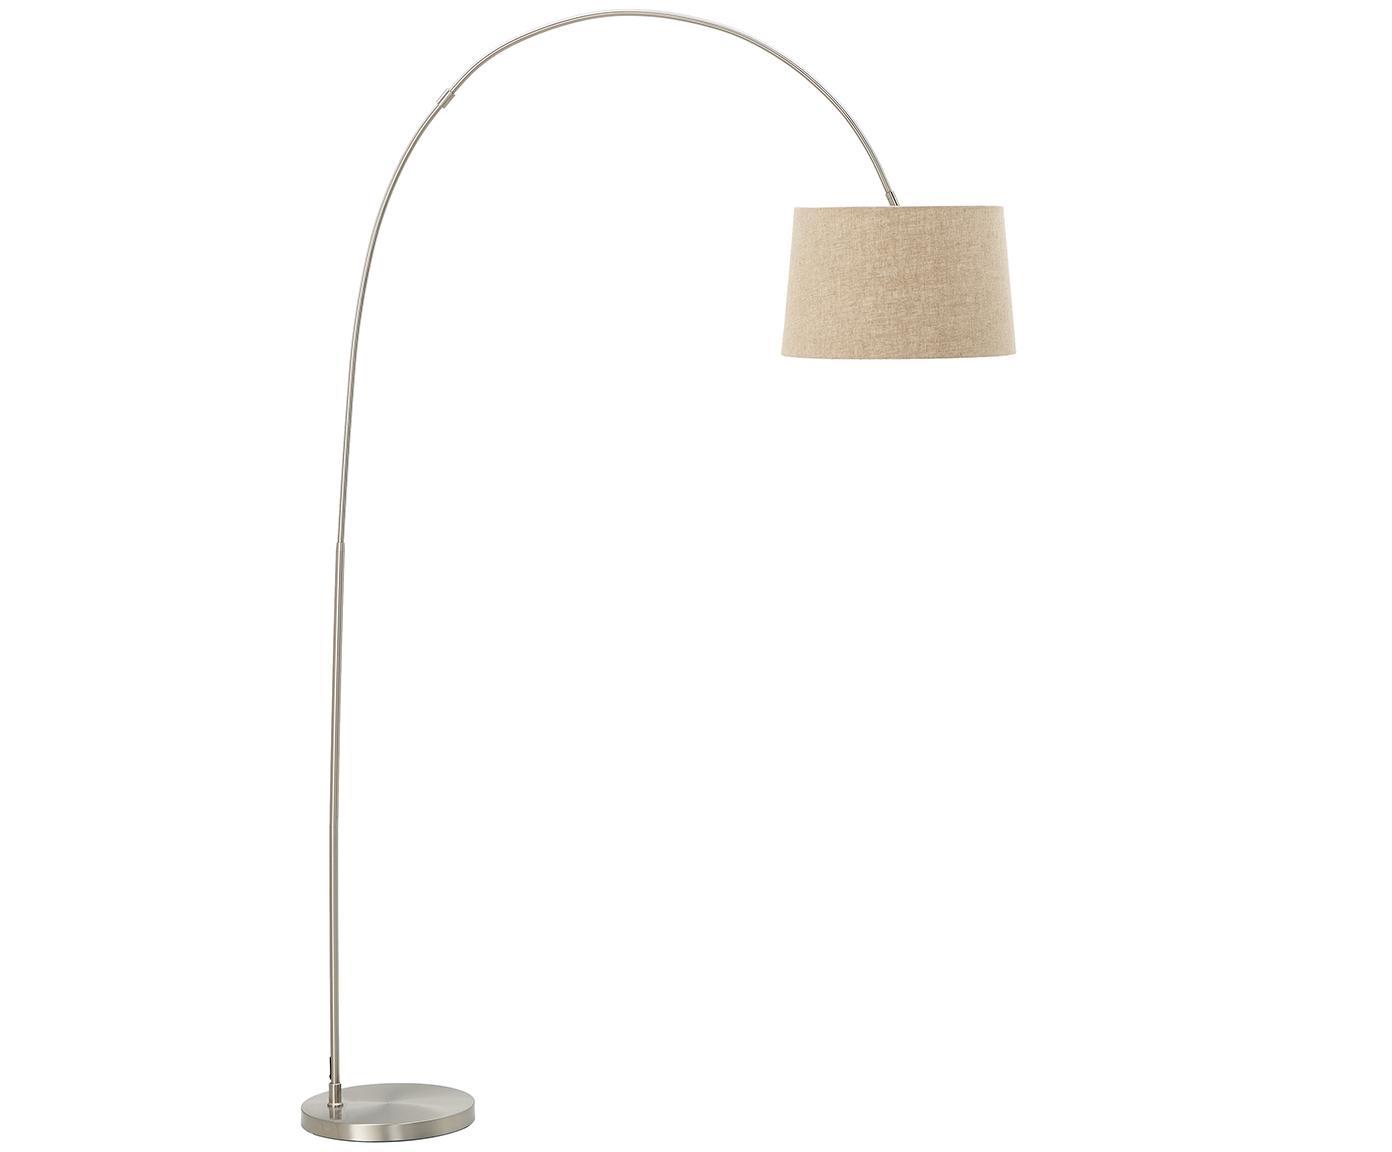 Lampada da terra ad arco Laurence, Paralume: miscela di cotone, Base della lampada: metallo, spazzolato, Beige, argentato, Ø 40 x Alt. 188 cm